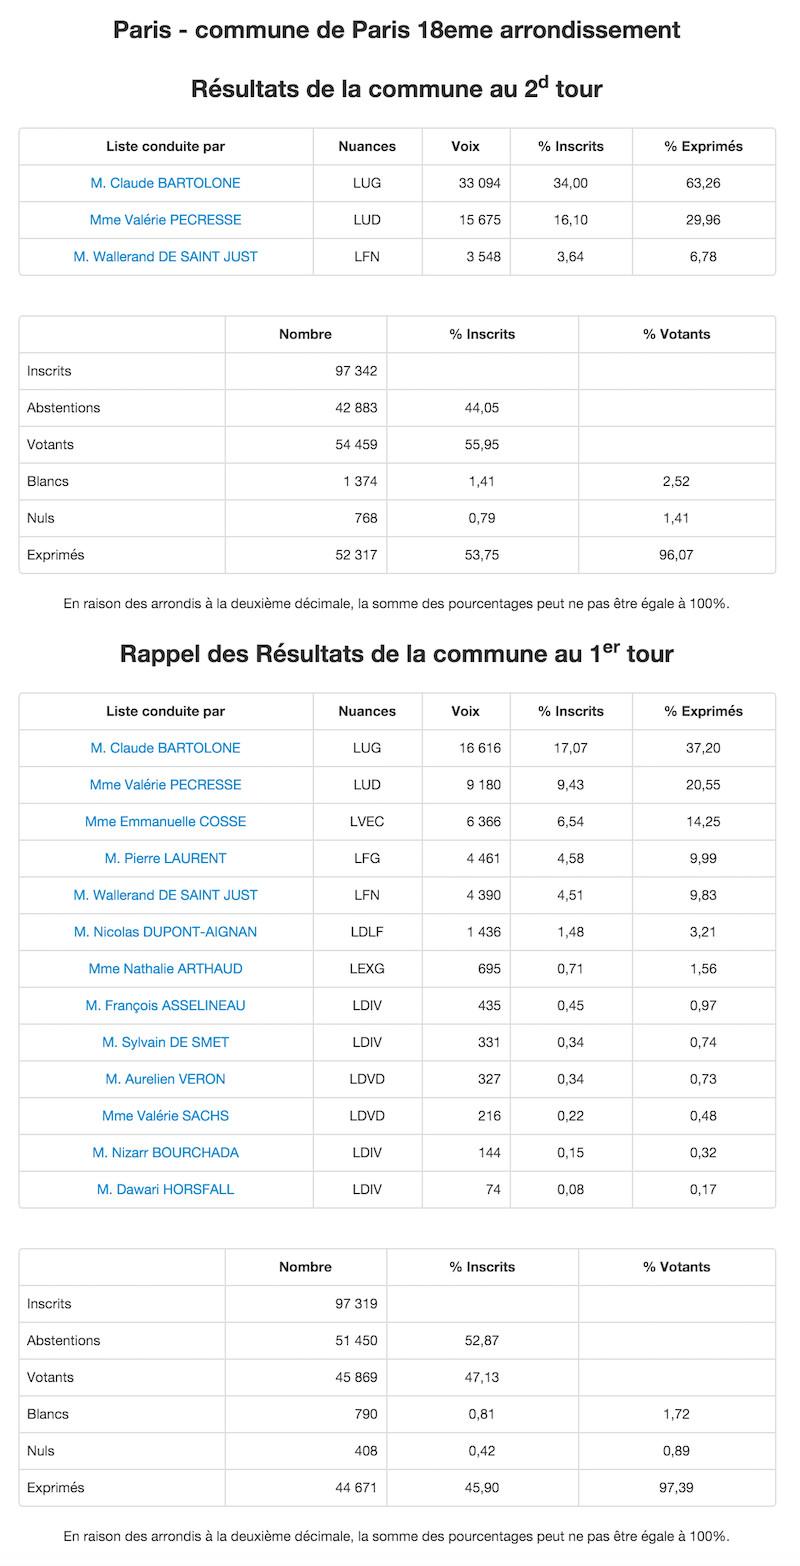 Régionales 2015 - 2nd et 1er tour dans le 18e arrondissement © Ministère de l'Intérieur